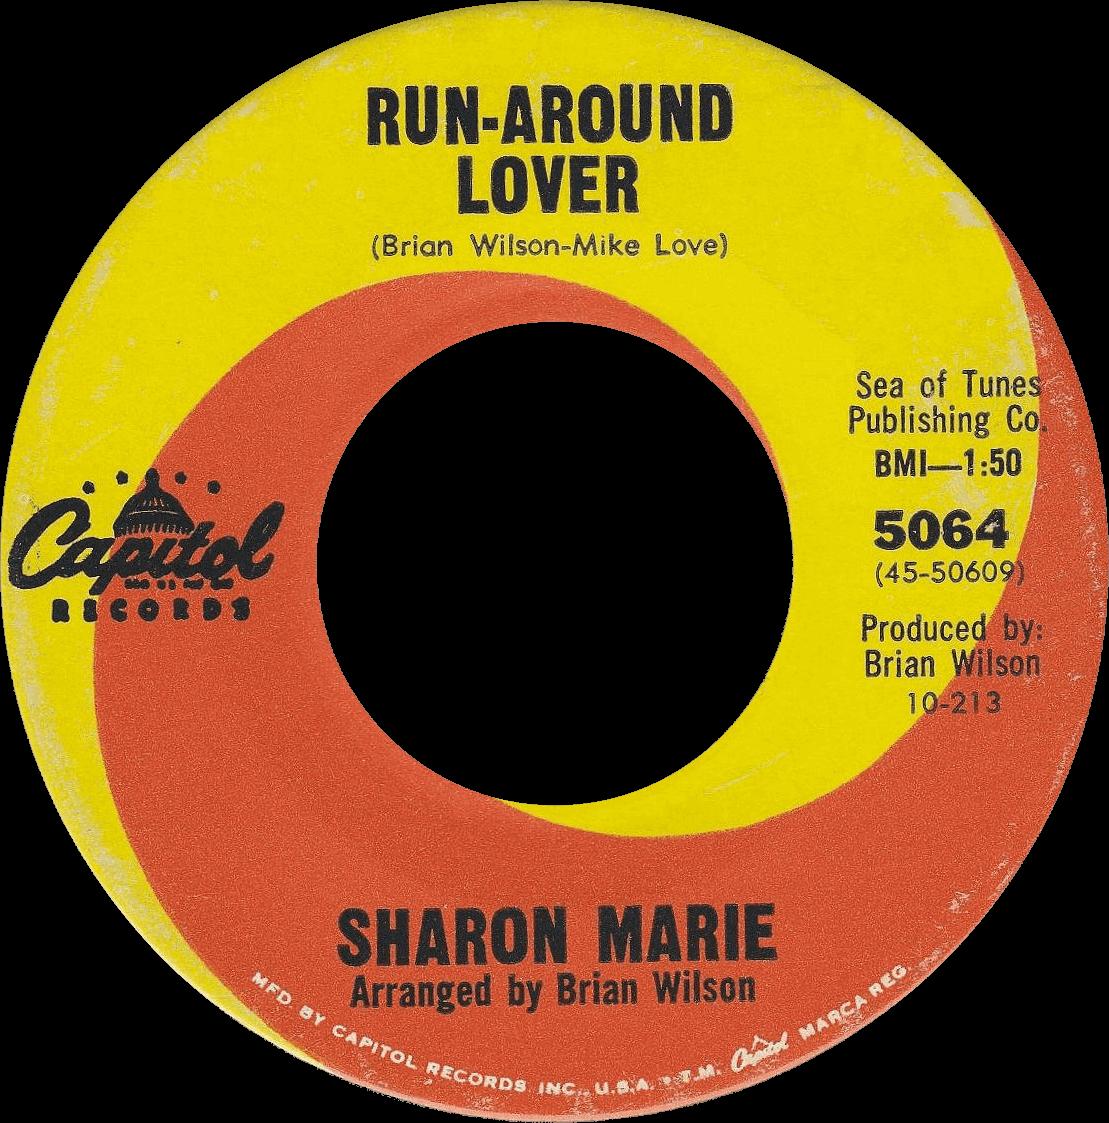 Run-Around Lover/Summertime cover